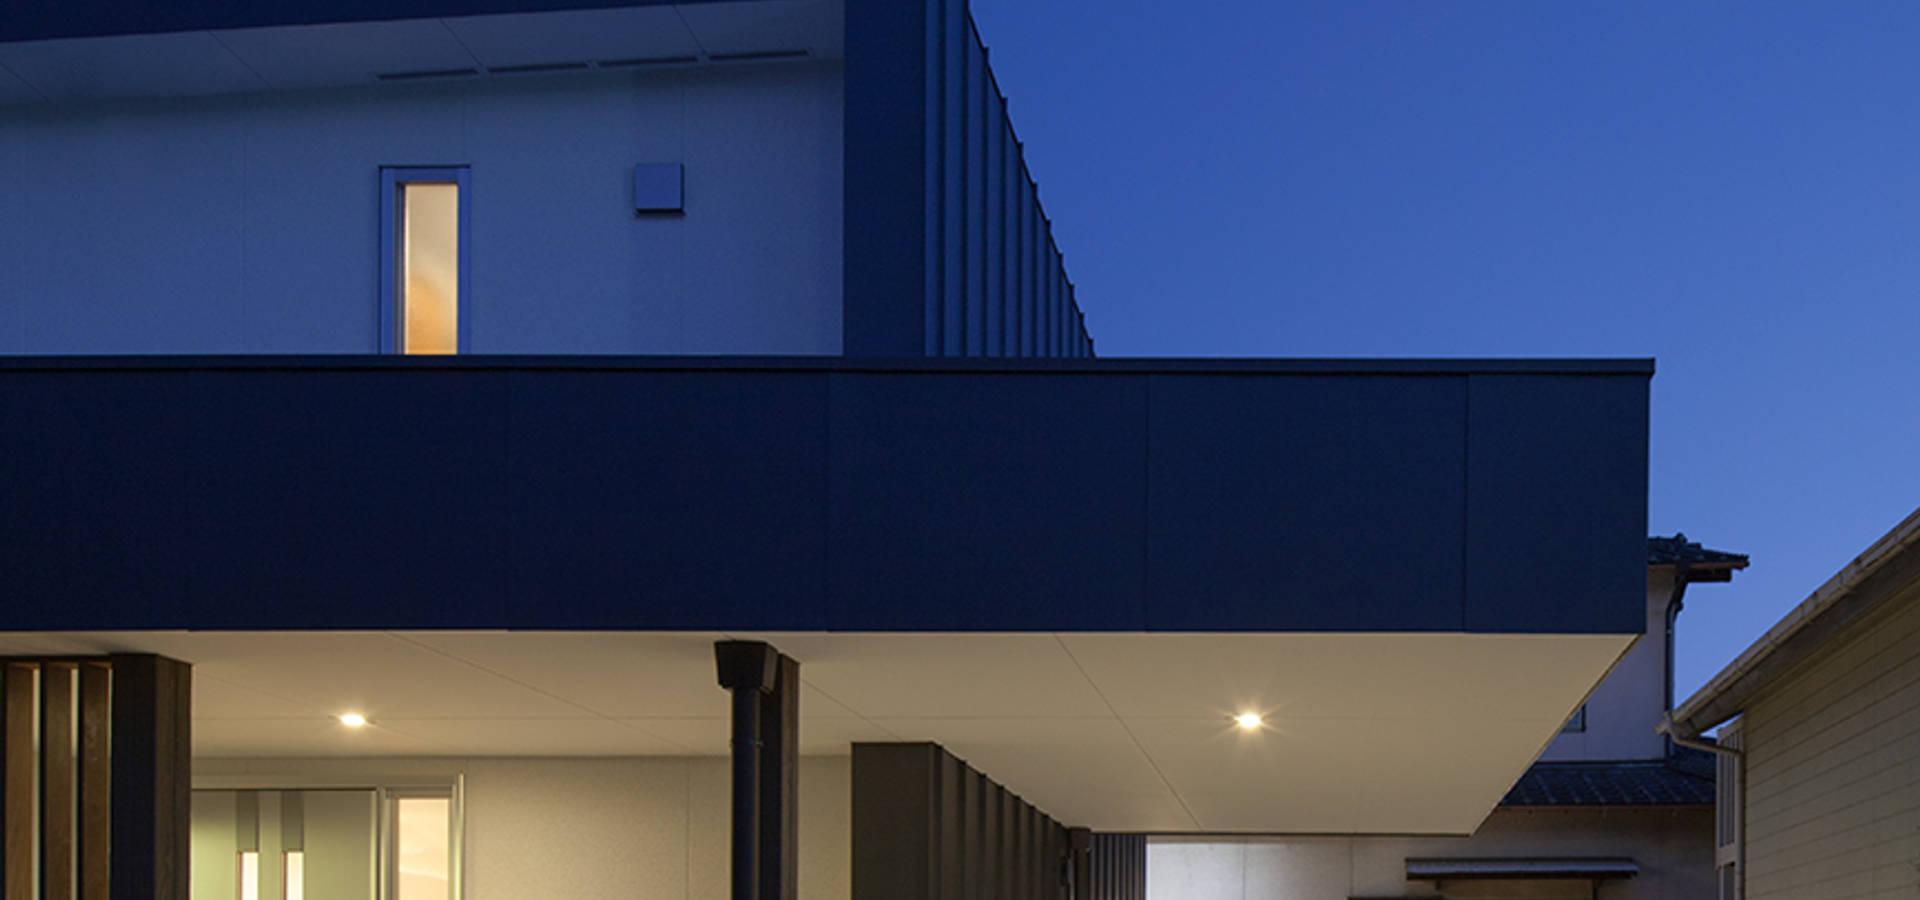 那波建築設計 NABA architects